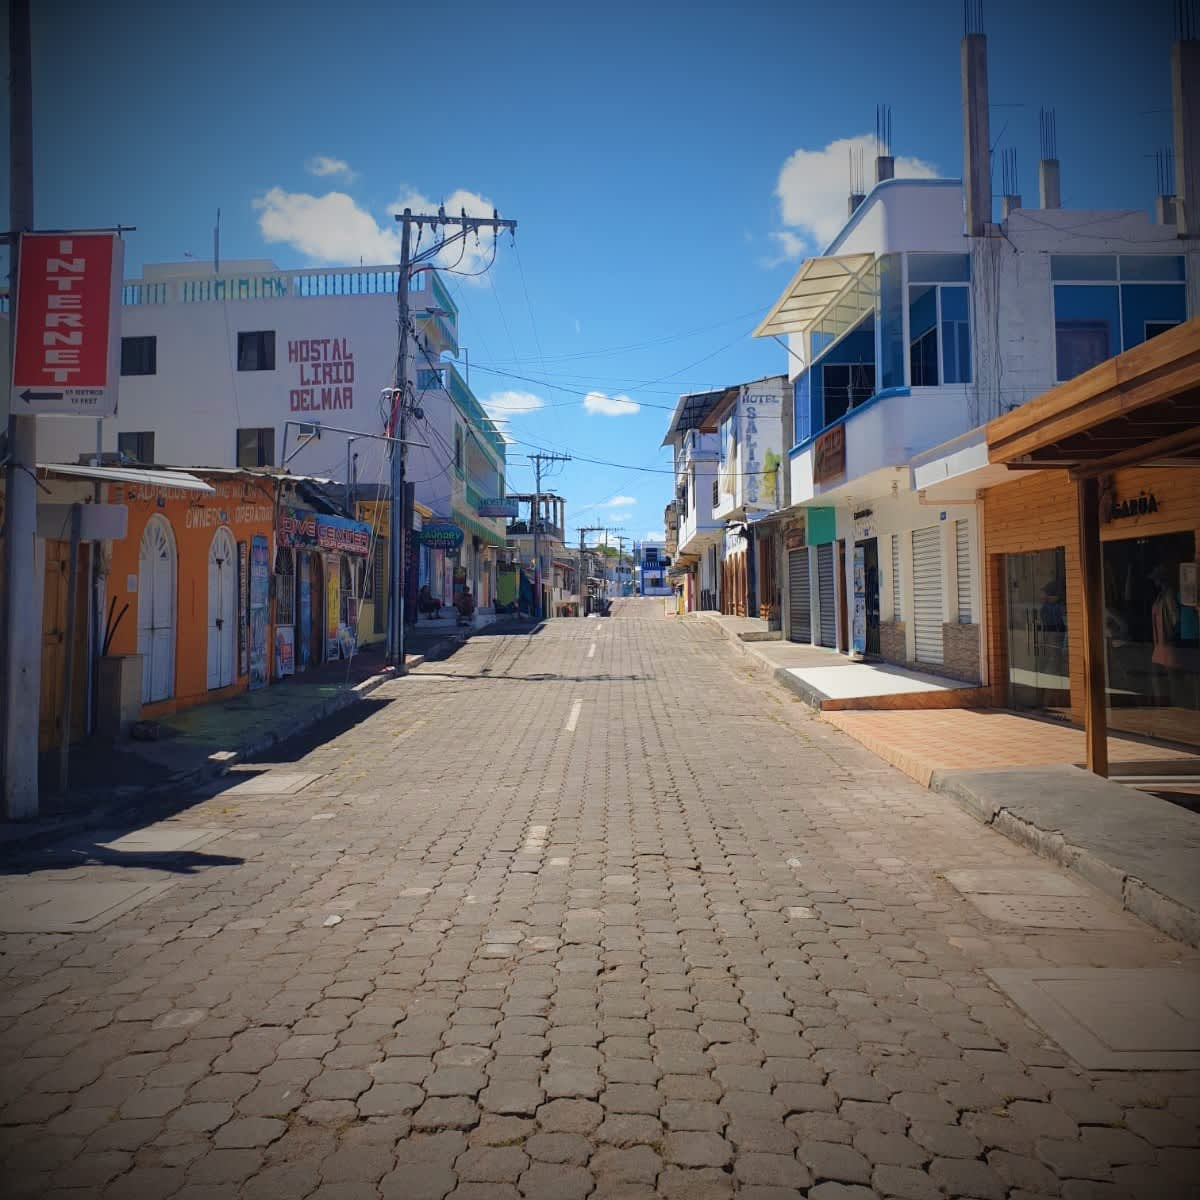 Maisema Galapagossaariin kuuluvan Santa Cruzin kadulta.